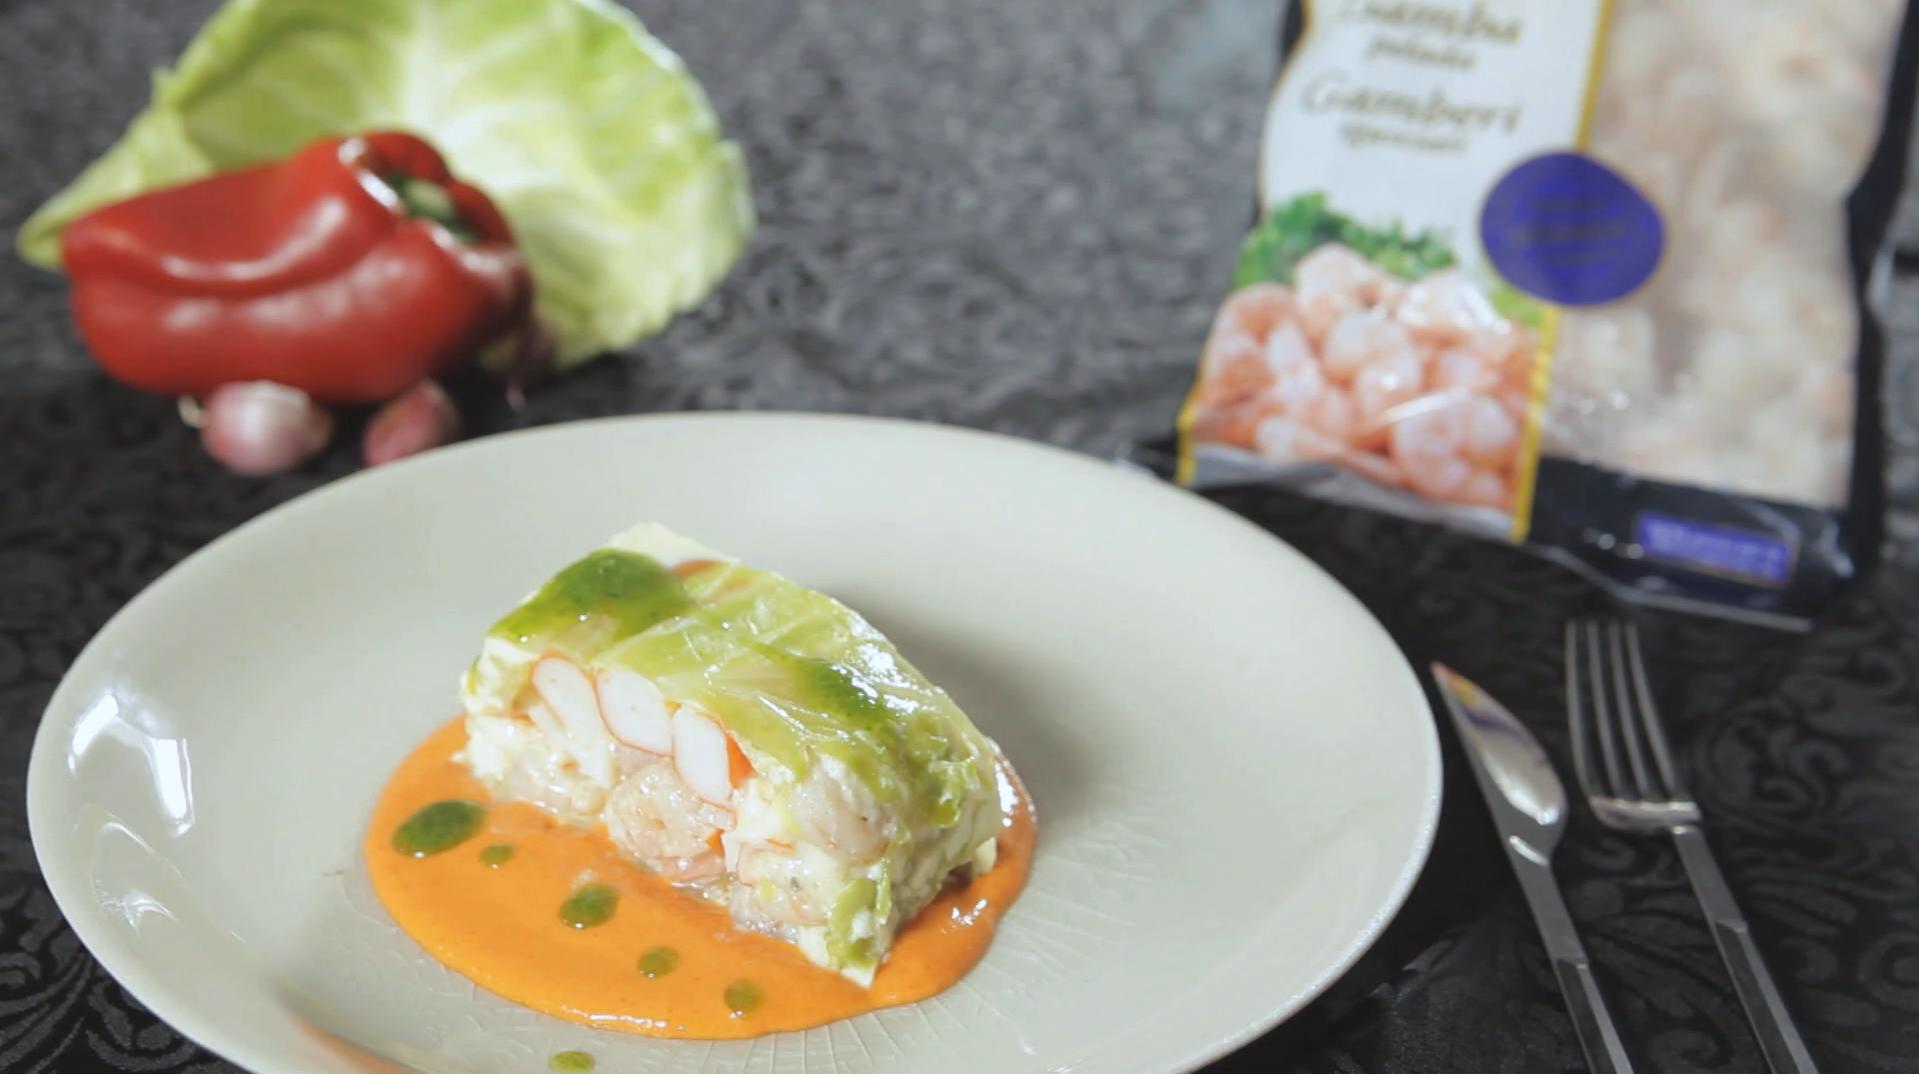 Shrimp and surimi terrine